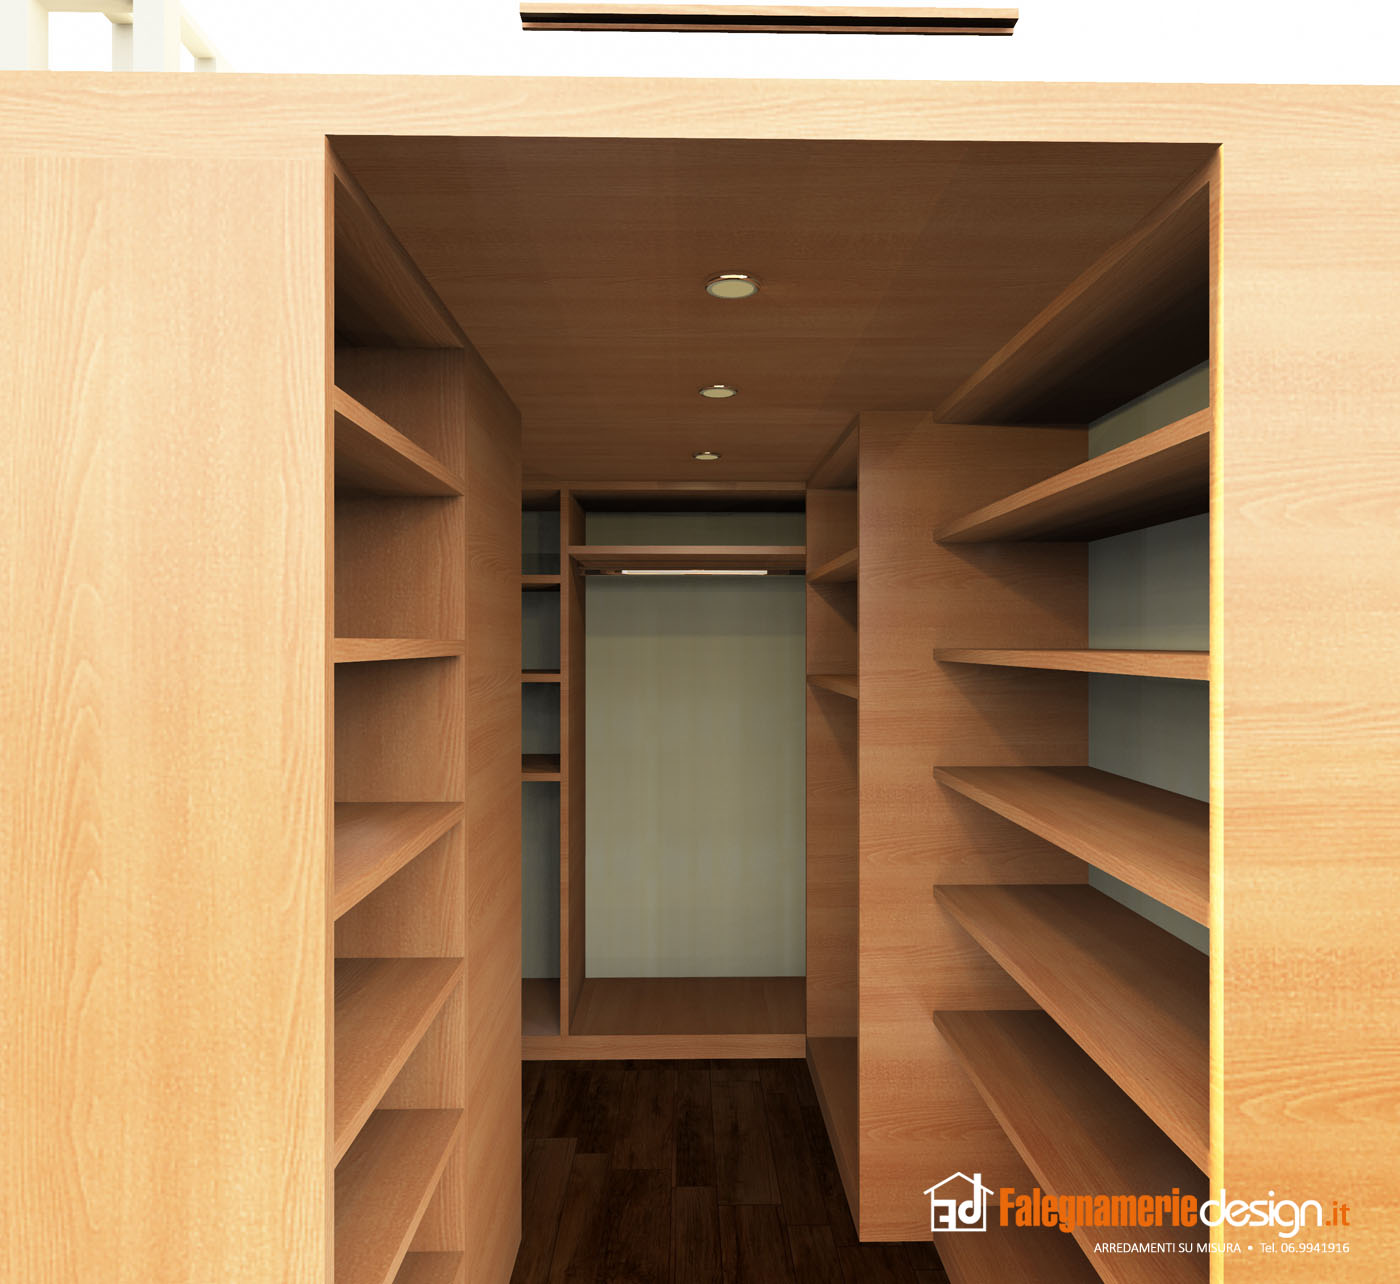 Cabine armadio 470c arredamenti e mobili su misura roma - Cabine armadio design ...